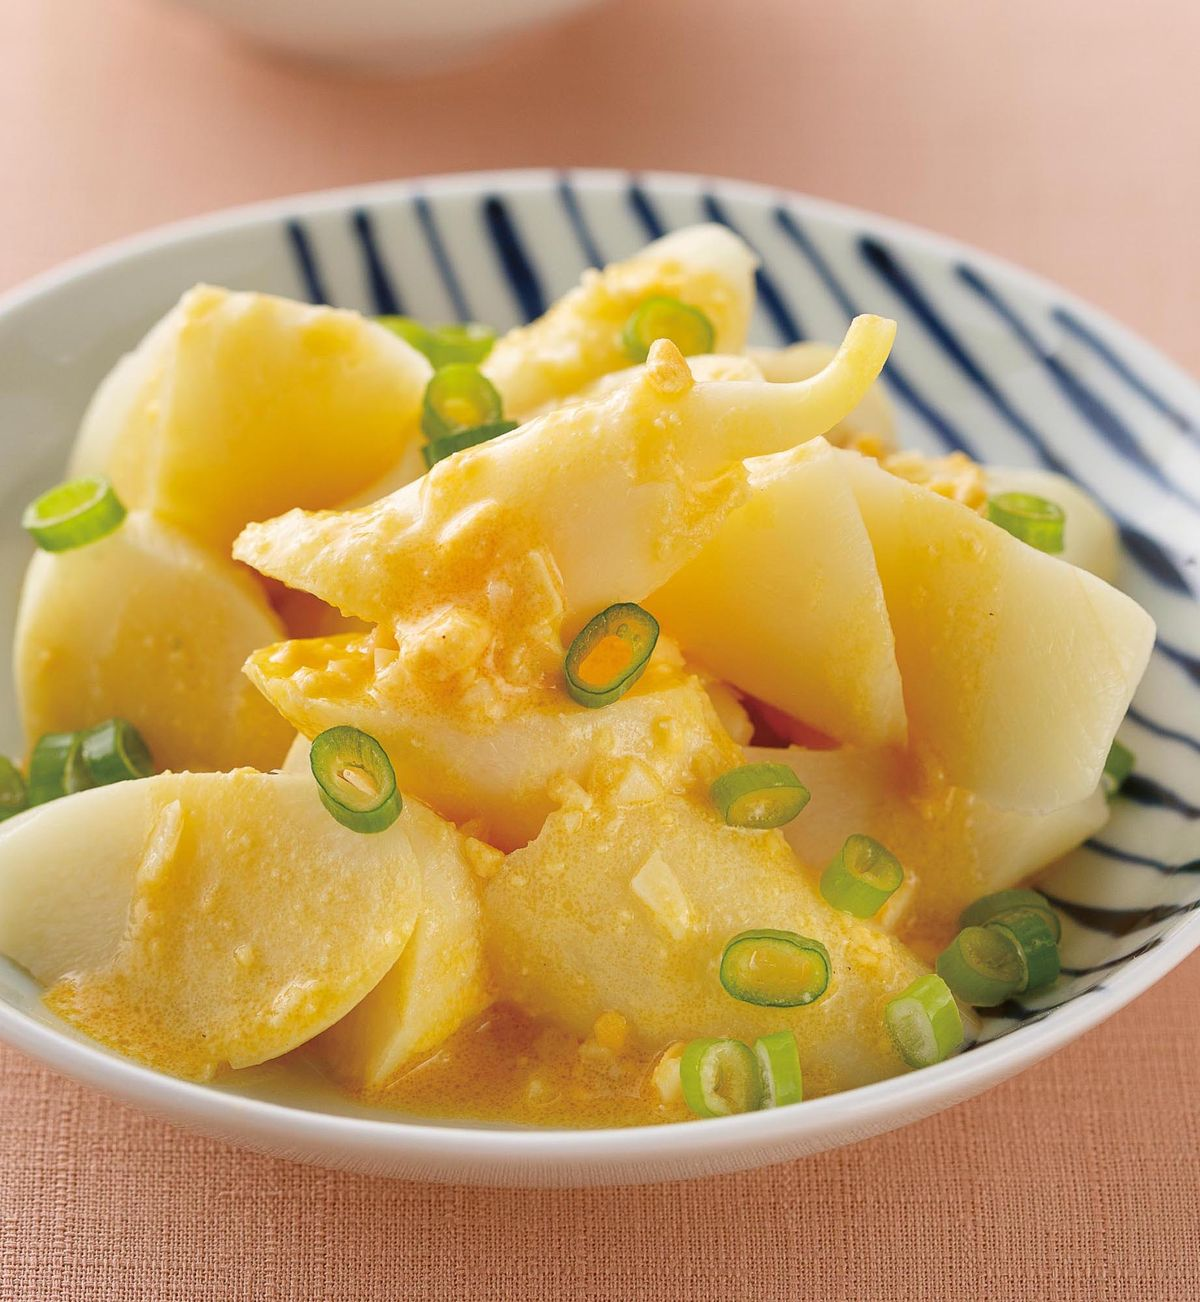 食譜:蒜香蛋黃醬茭白筍